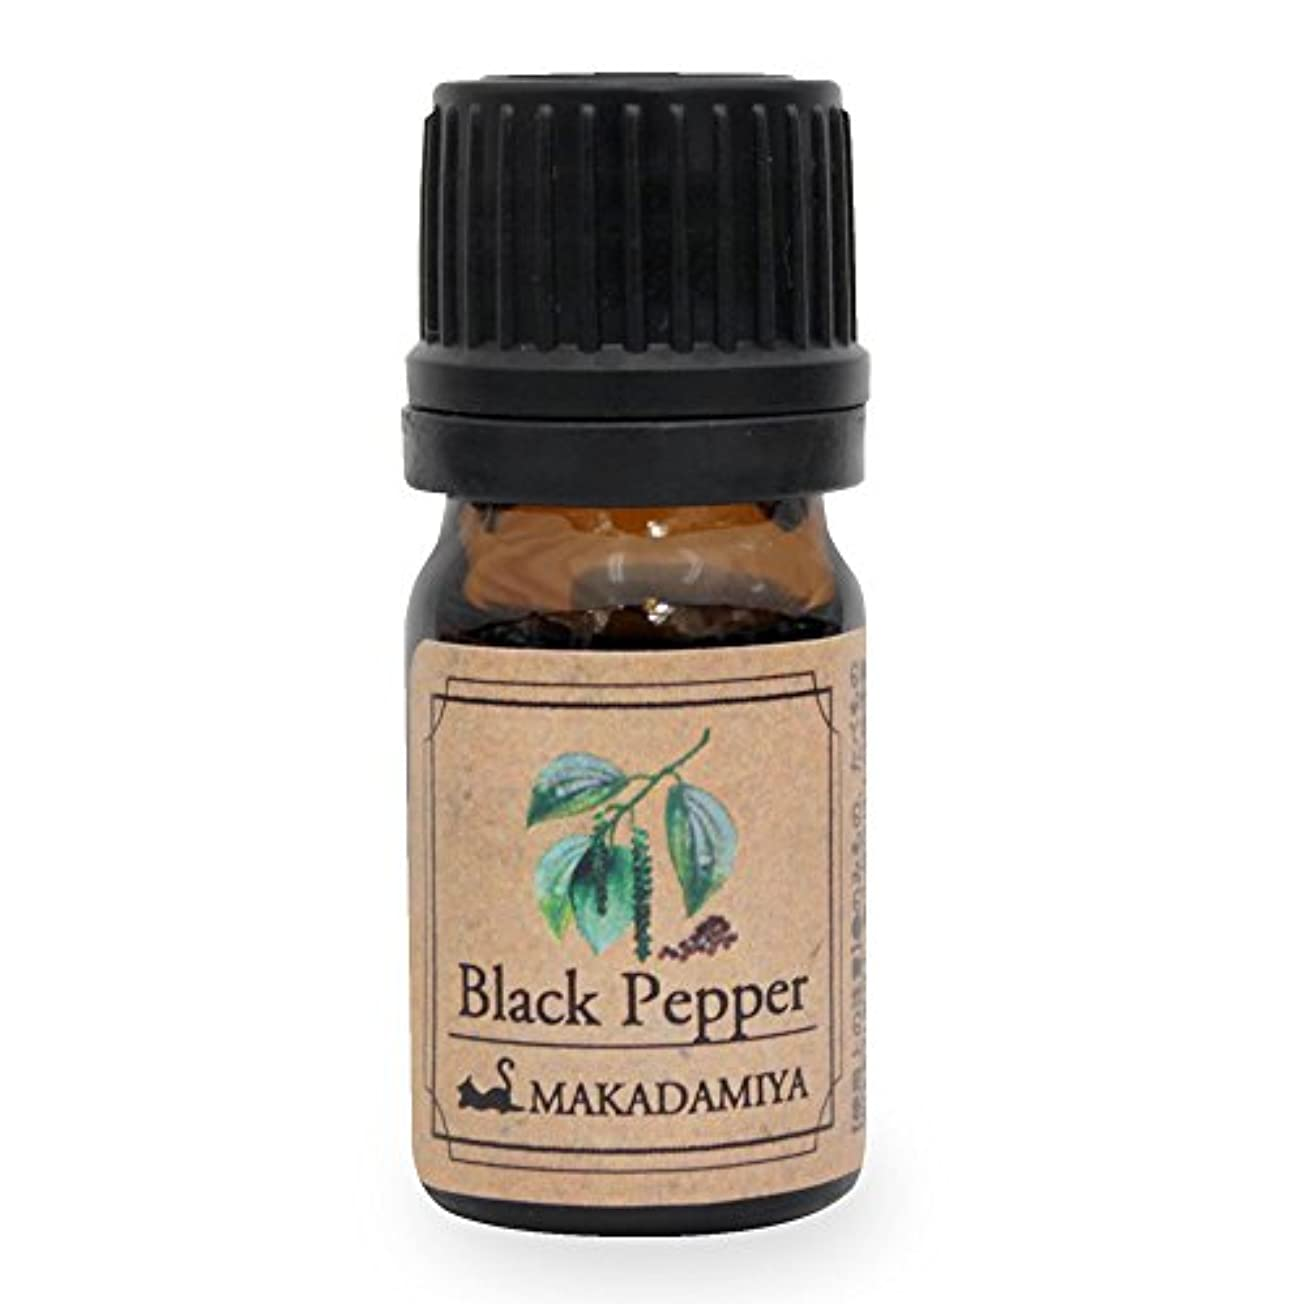 イベント弁護士脆いブラックペッパー5ml 天然100%植物性 エッセンシャルオイル(精油) アロマオイル アロママッサージ aroma Black Pepper